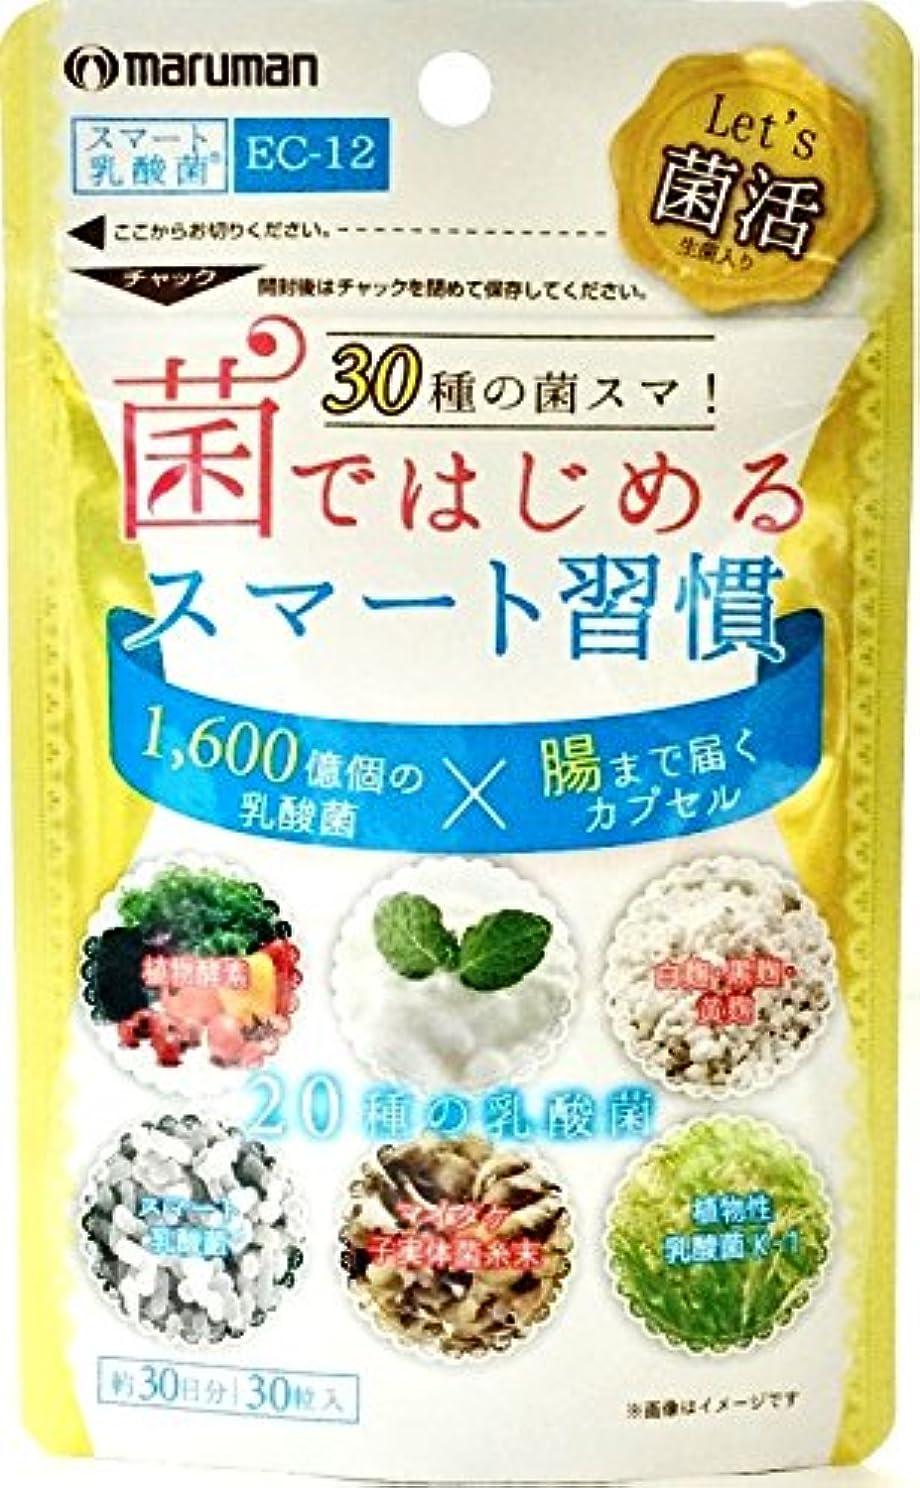 ブレークフラスコブラウザマルマン 菌ではじめるスマート習慣 30粒